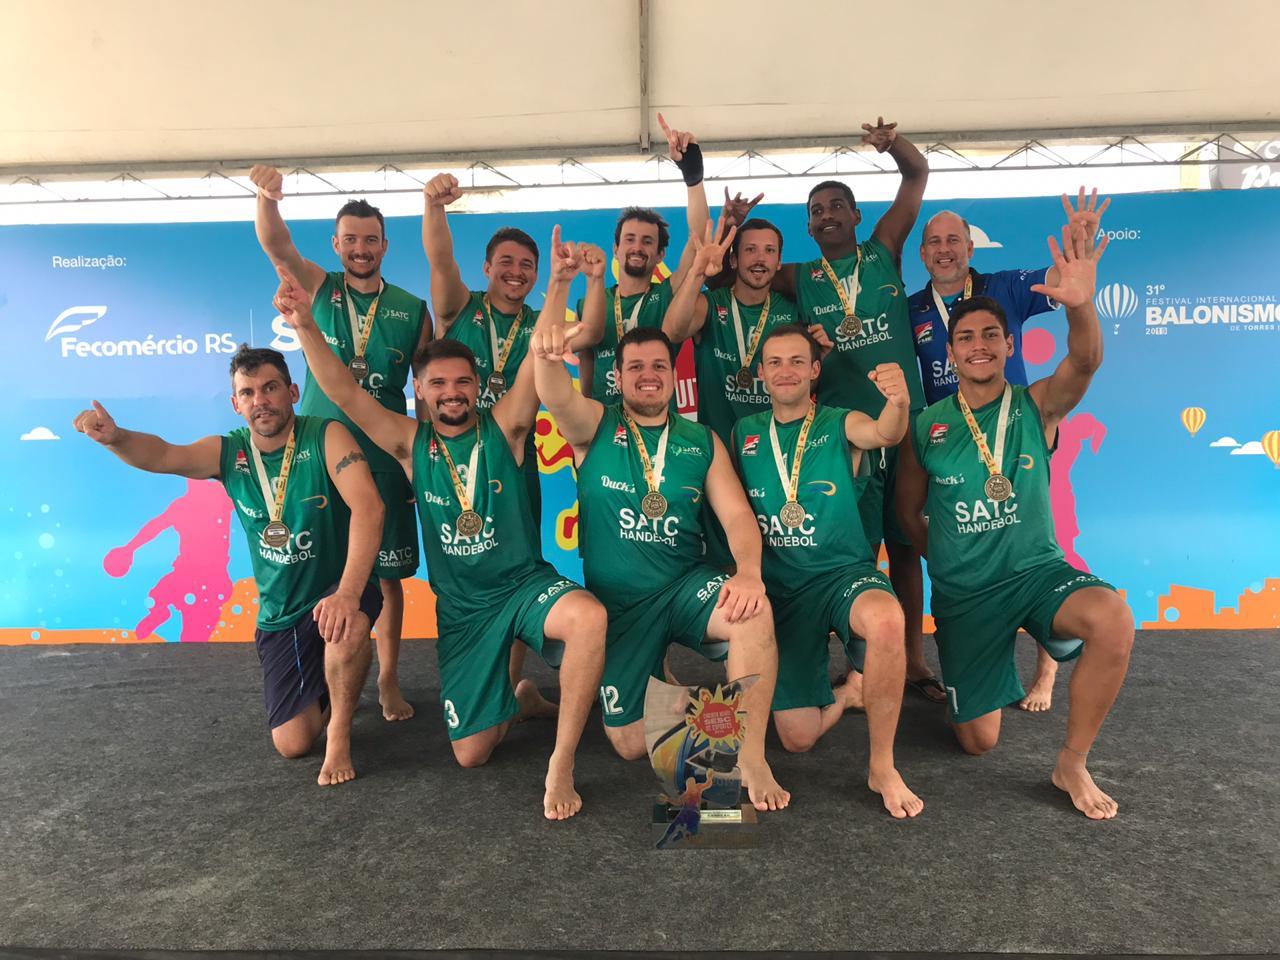 Handebol masculino de Criciúma conquista tetracampeonato do Circuito Sesc